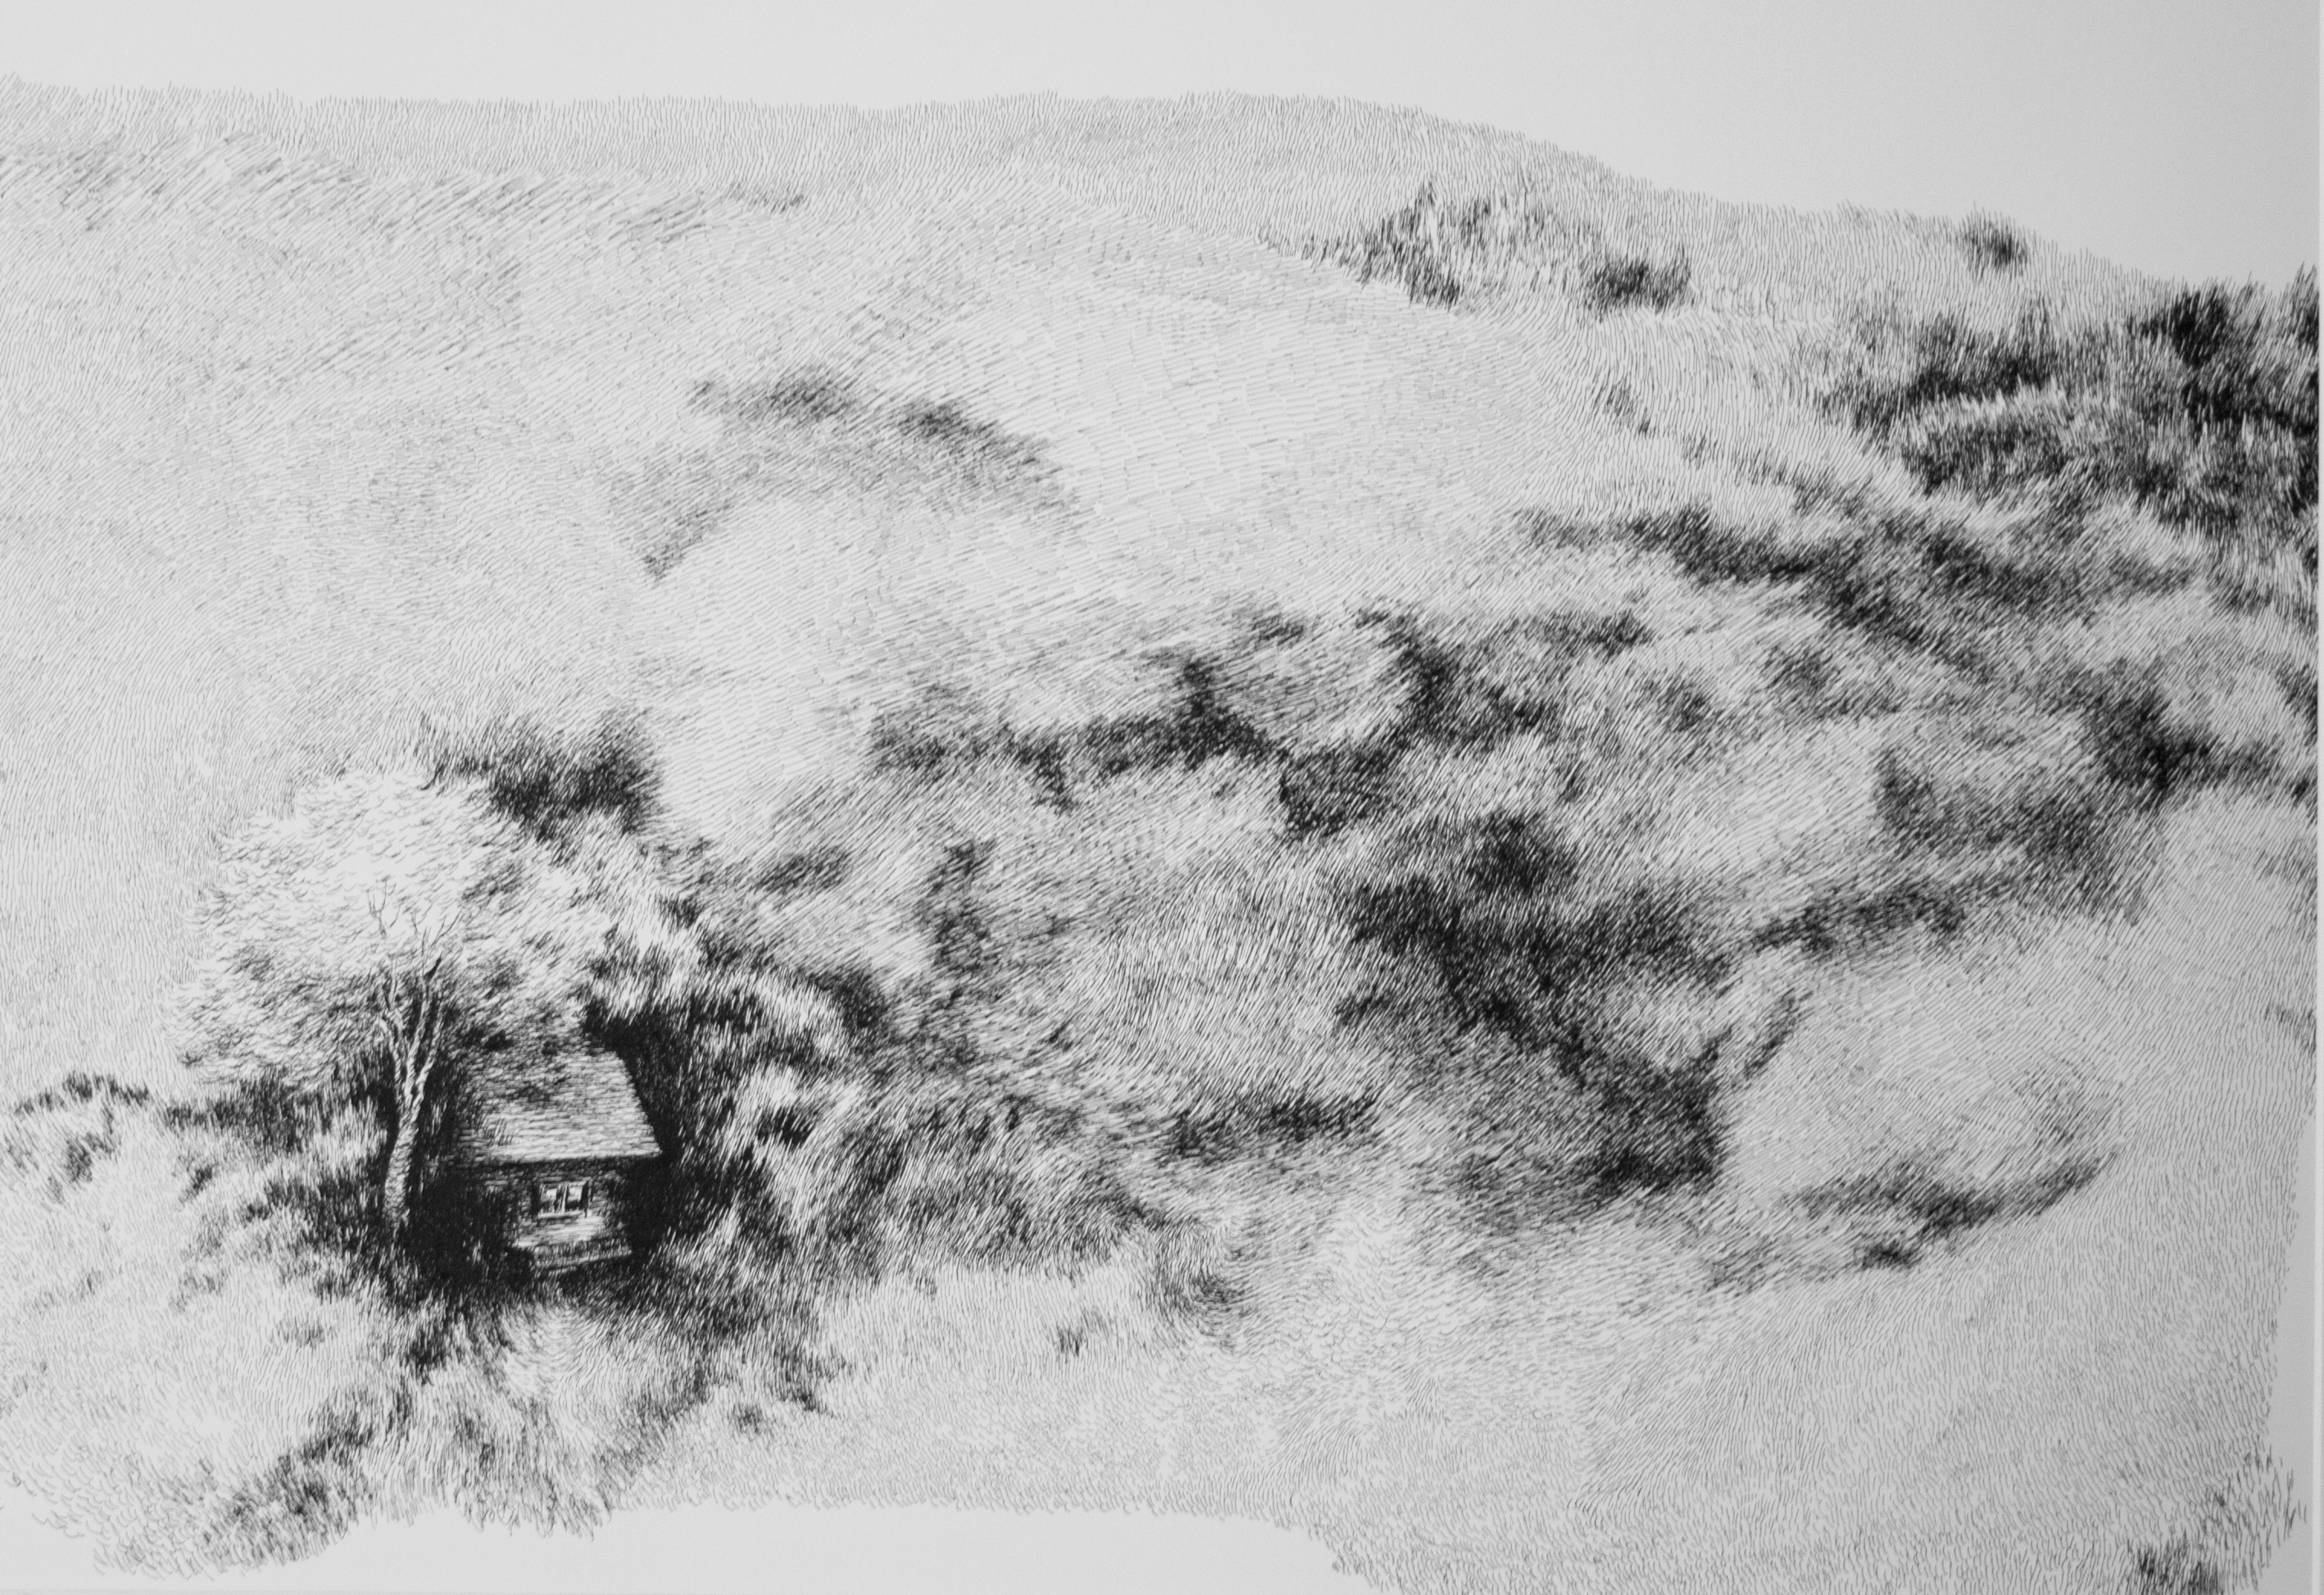 Nylso | Auprès de son arbre | Nylso